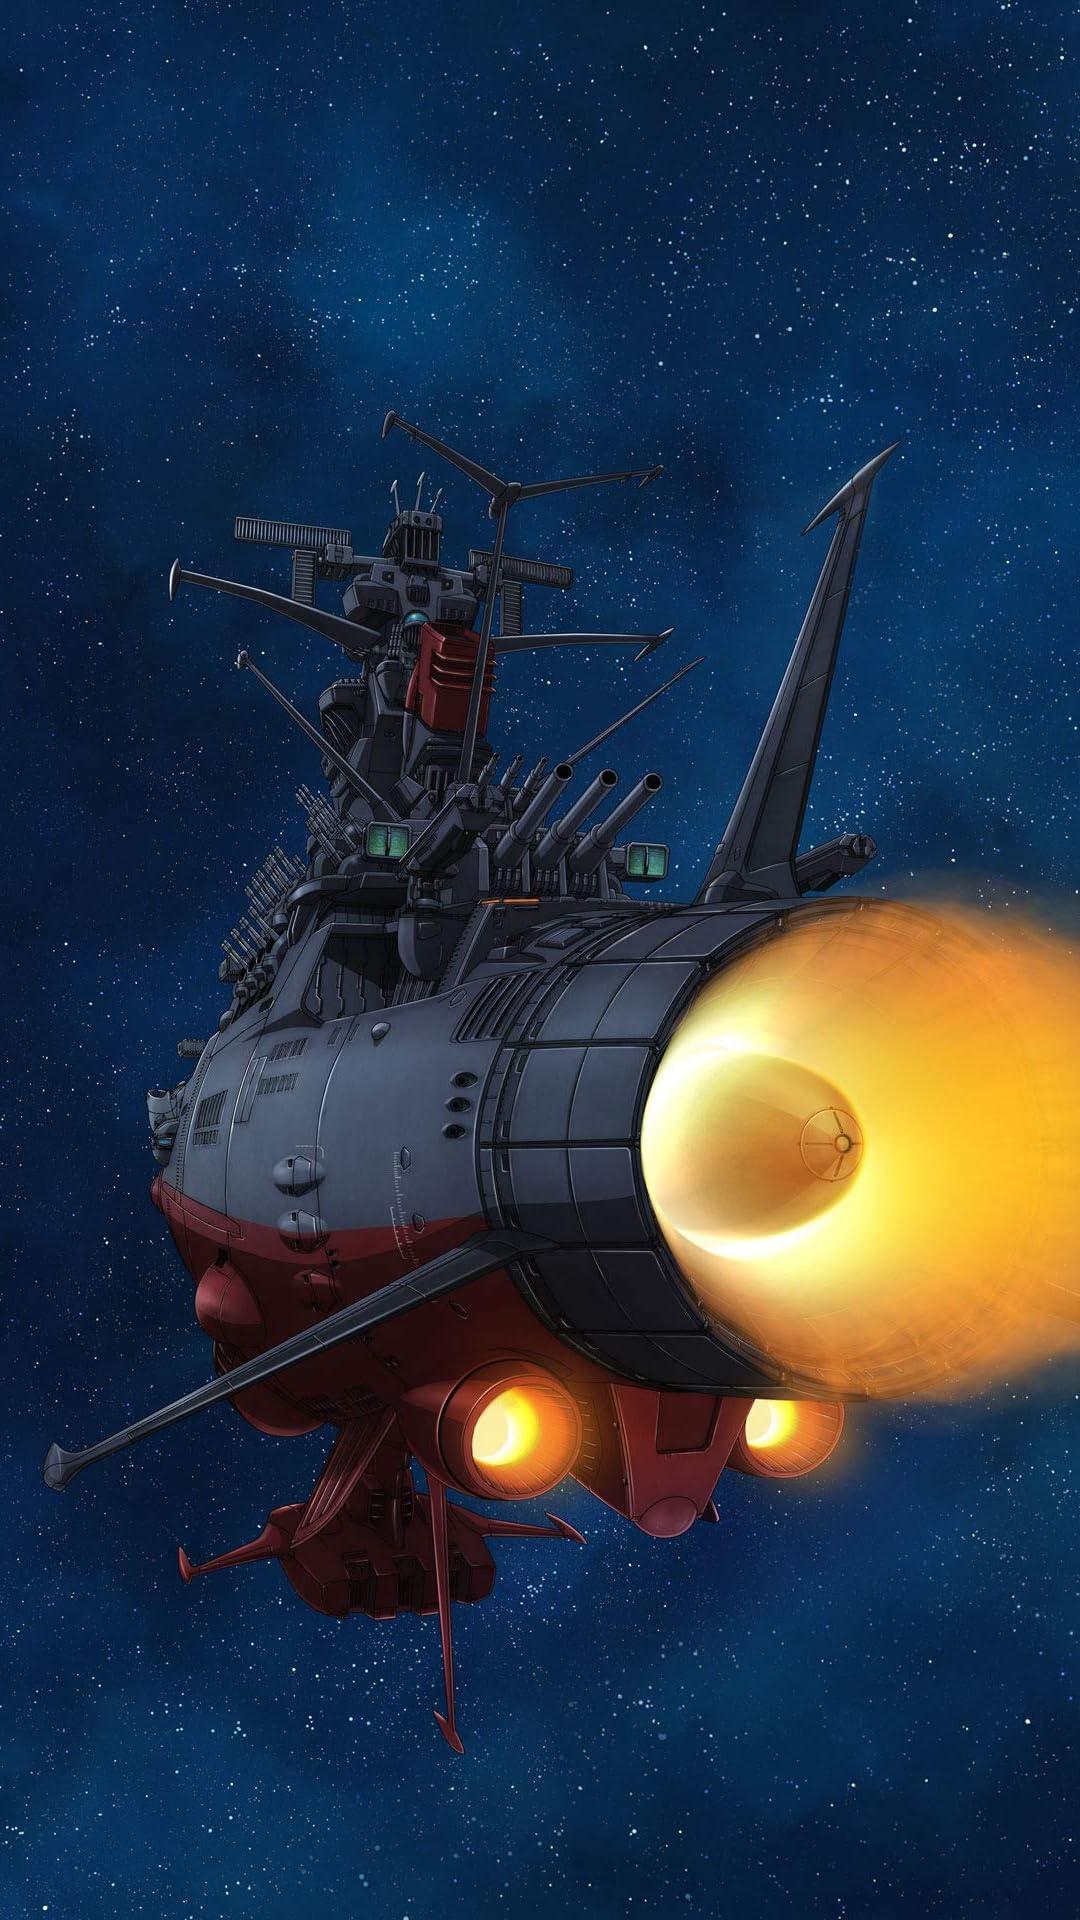 宇宙戦艦ヤマト フルhd 1080 1920 スマホ壁紙 待受 宇宙戦艦ヤマト2202